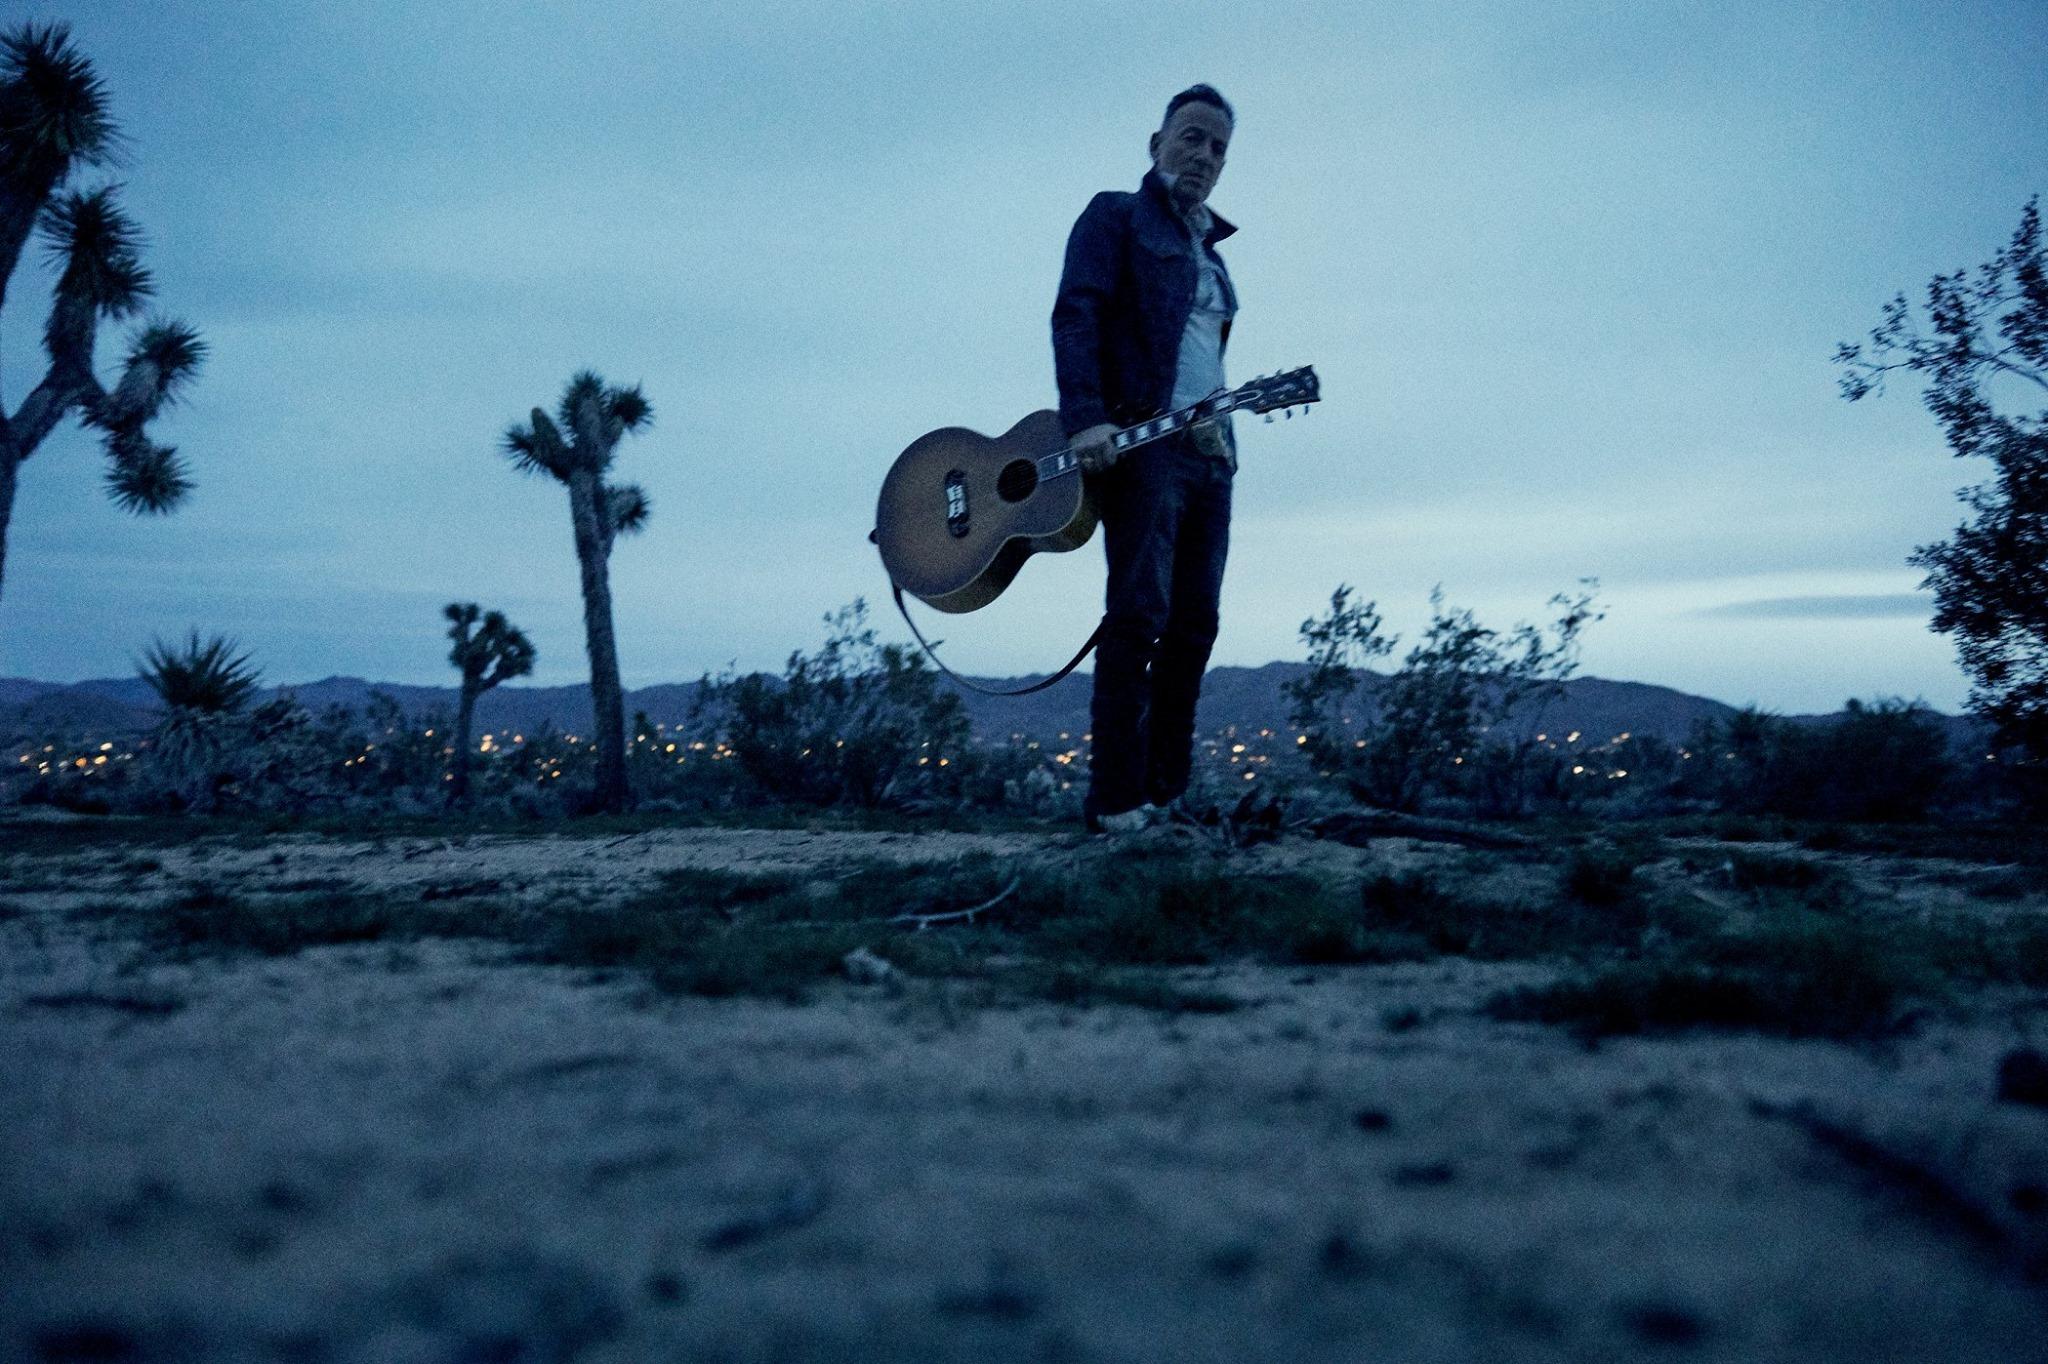 Plaat van de week: Bruce Springsteen – There Goes My Miracle